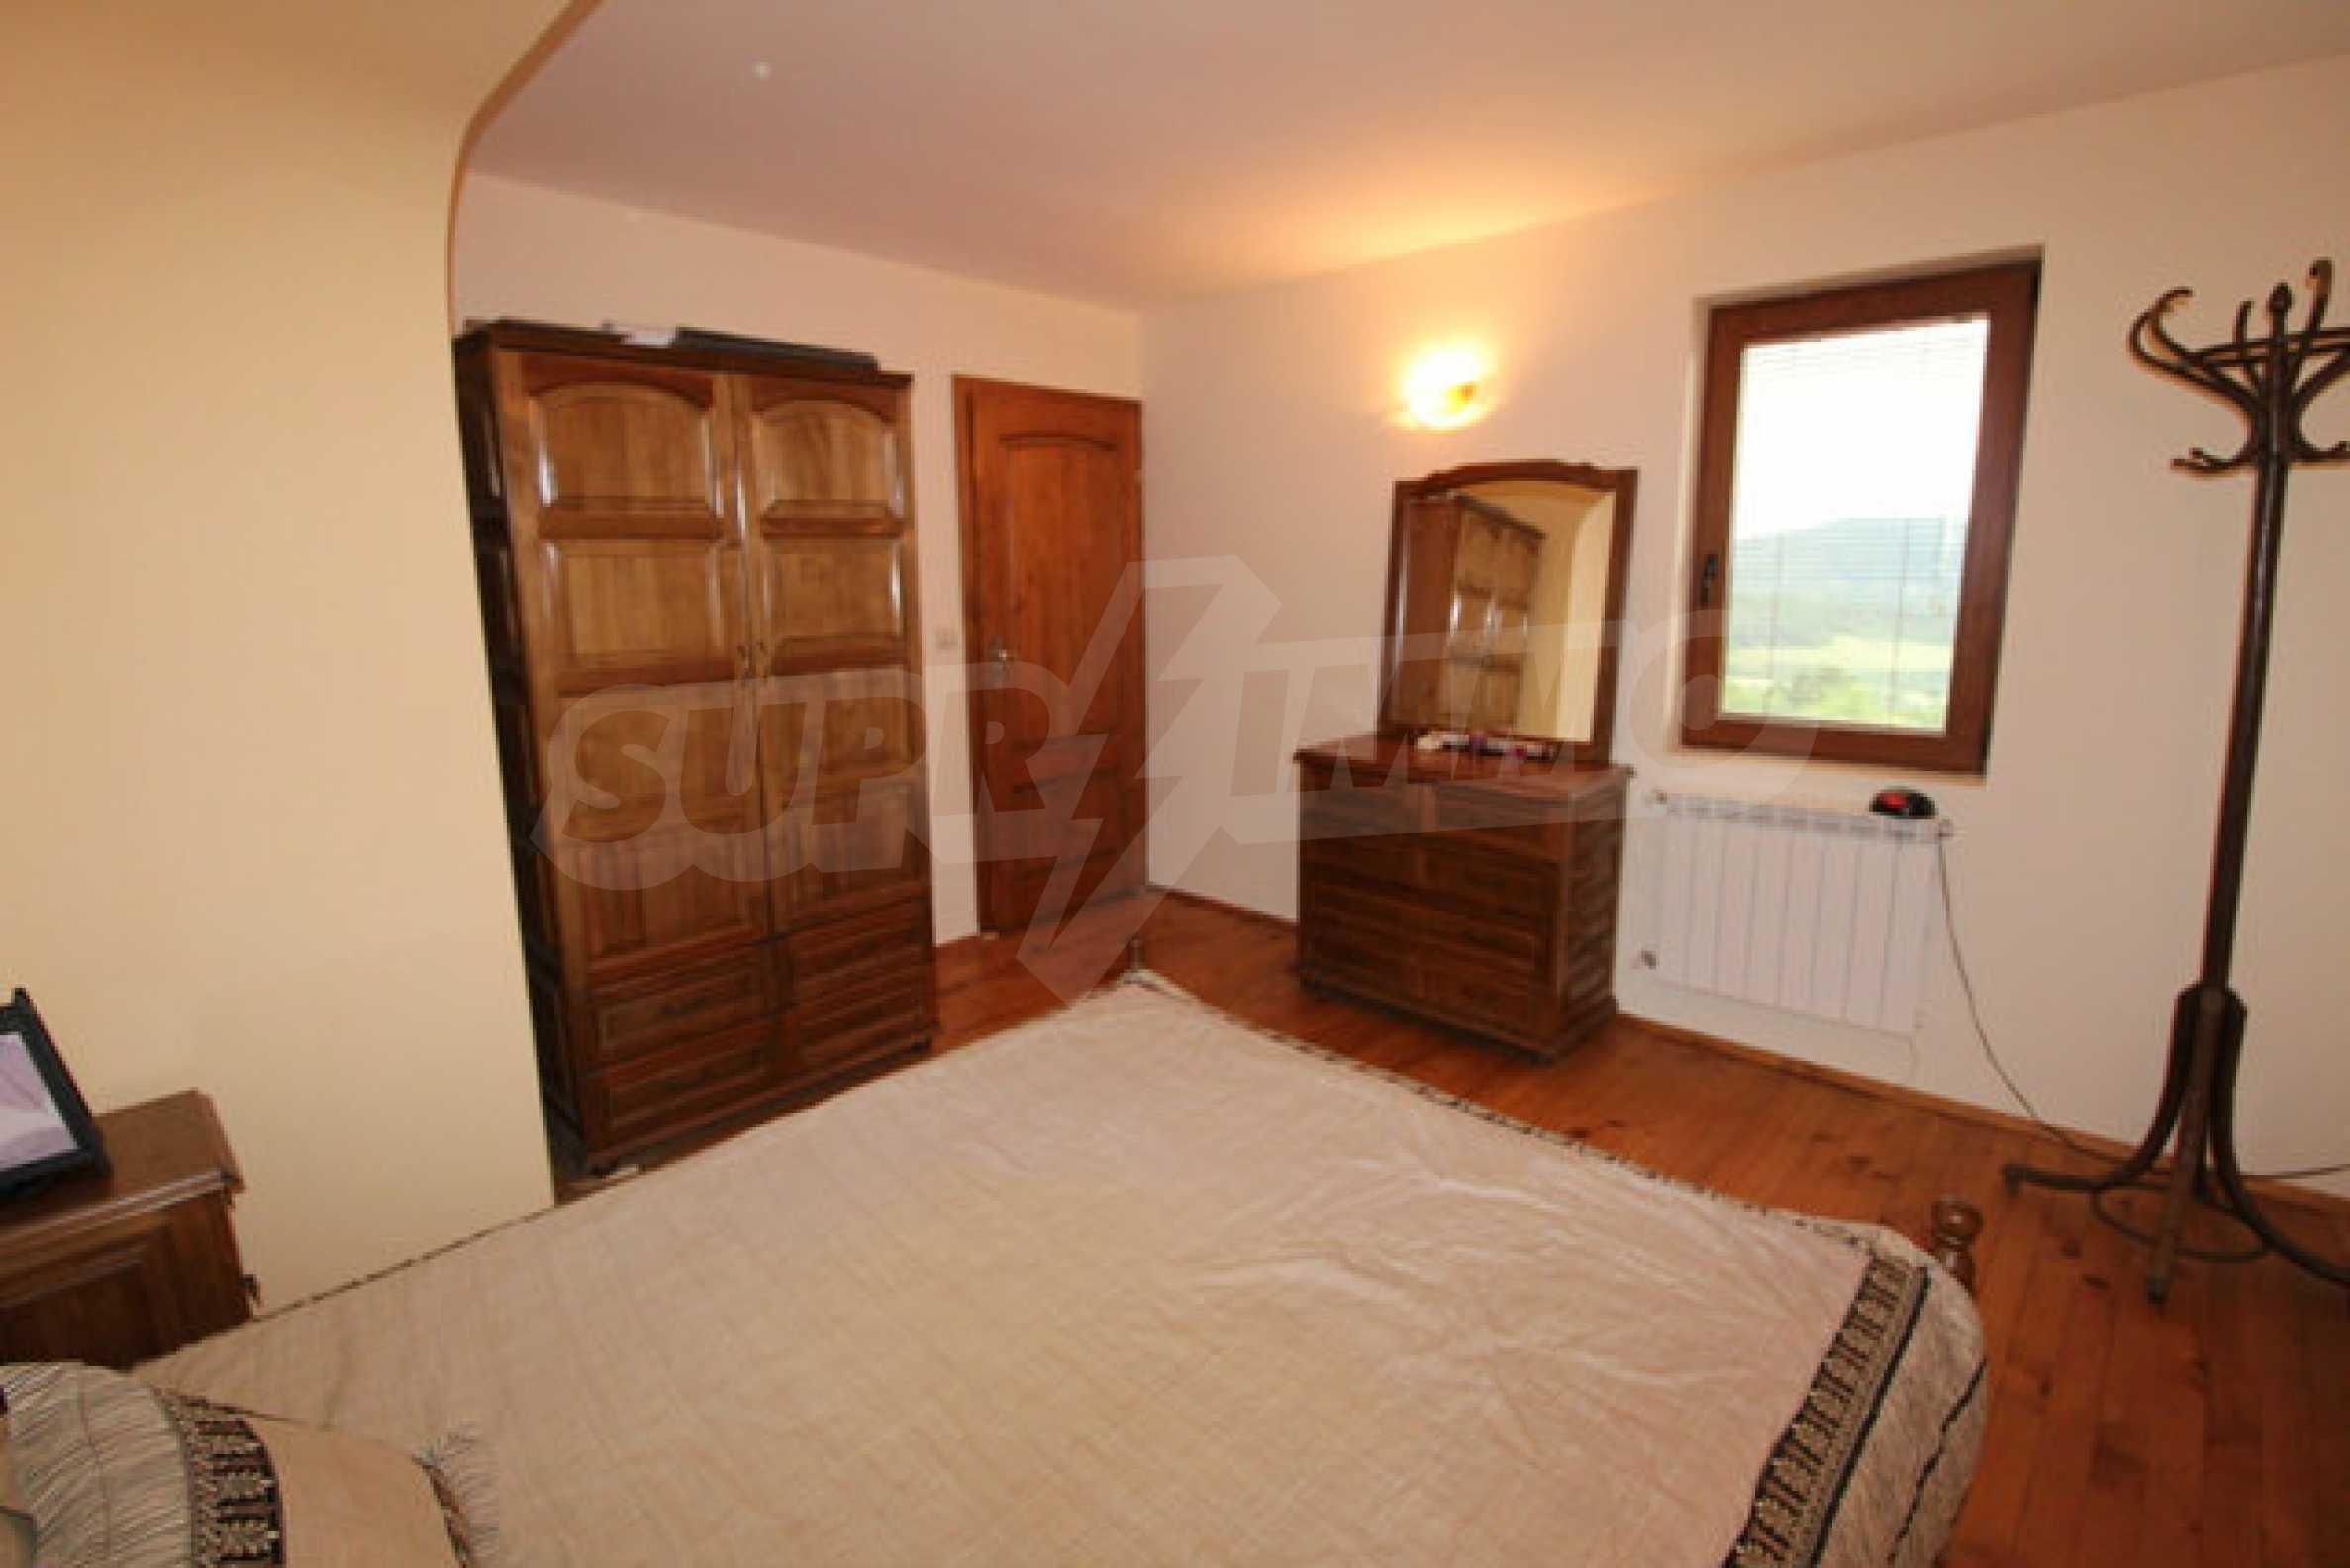 Реновирана двуетажна къща с двор само на 13 км от град Ловеч 21